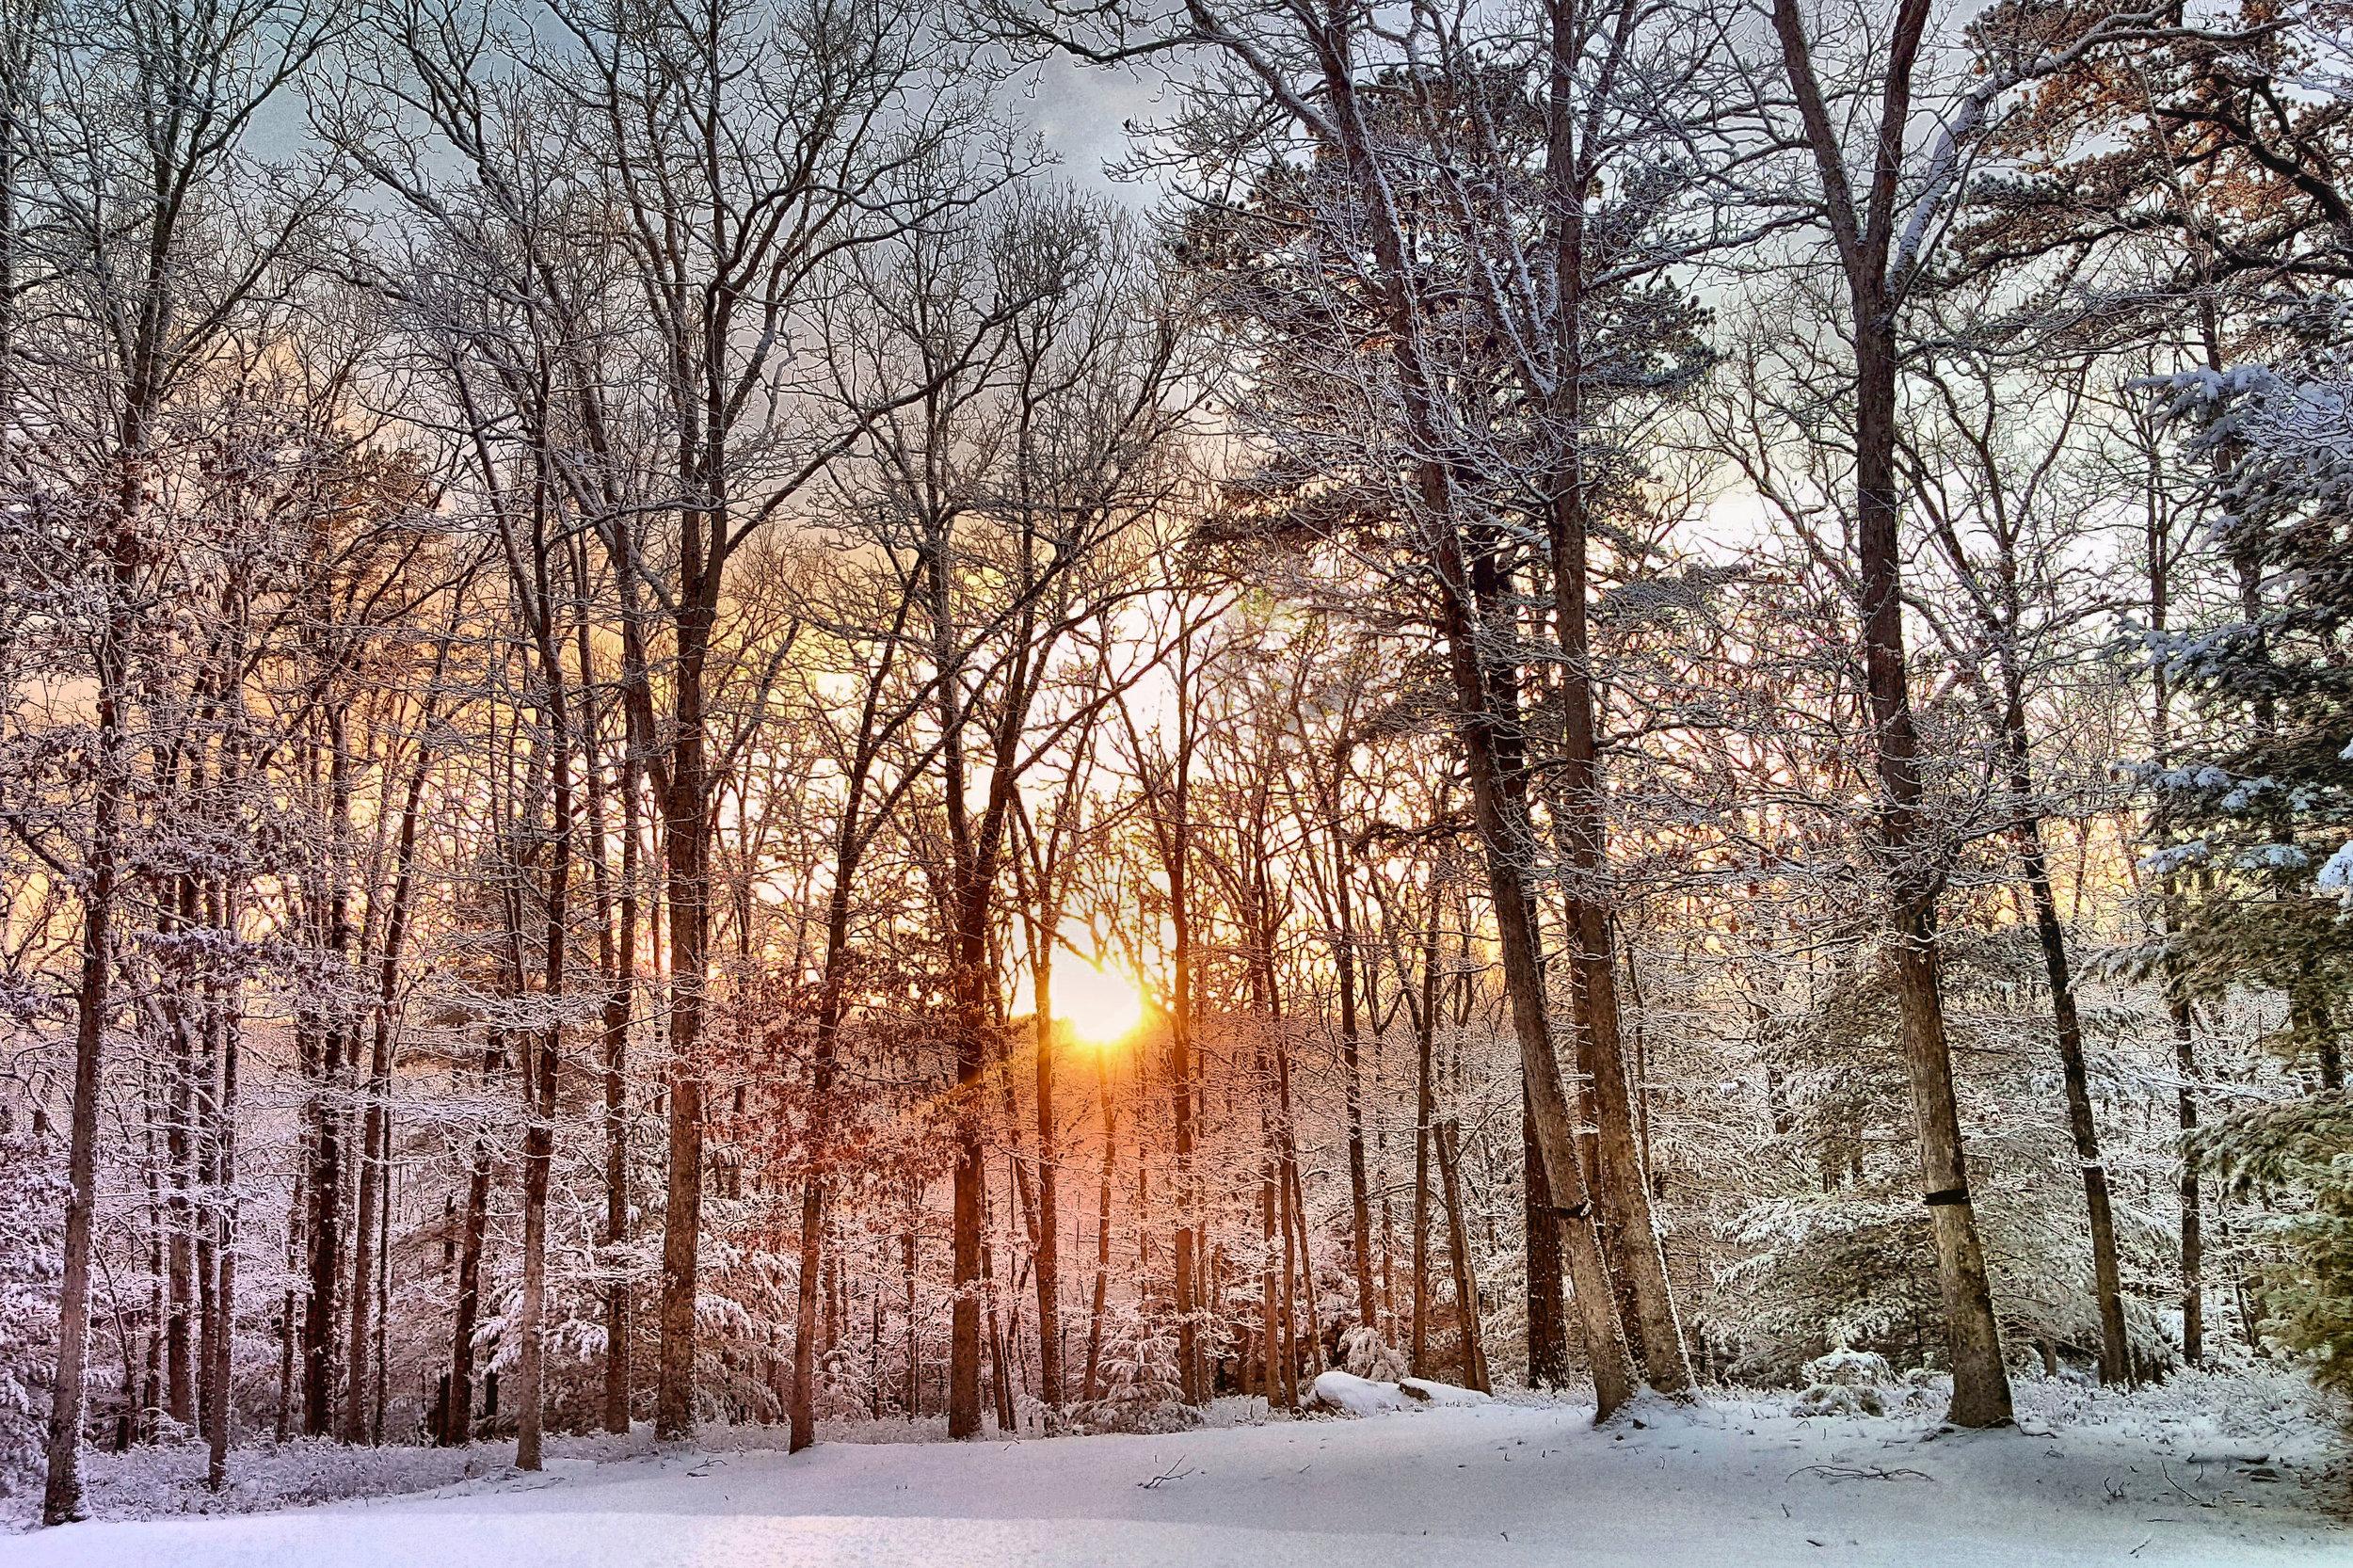 Image 33 56 Upper Lumber Sunset Feb 2017 - 8 x 12.jpg